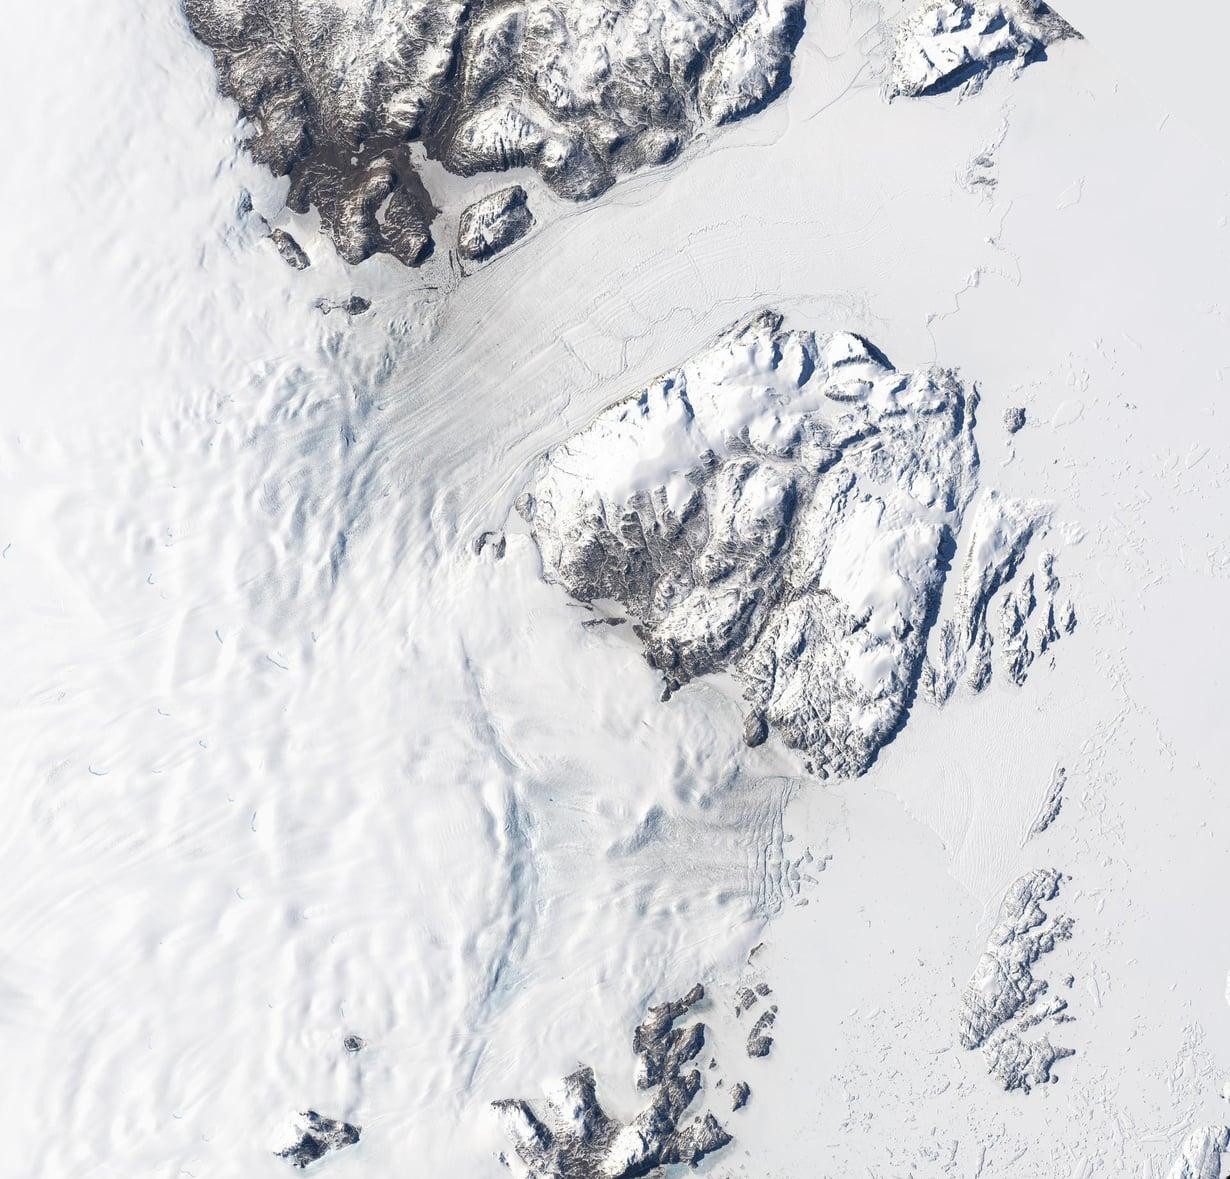 Nioghalvfjerdsfjorden ja Zachariæ Isstrøm vuotavat Atlanttiin. Jäävirroista ylempi kuuluu Nioghalvfjerdsfjordeniin, alempi Zachariæ Isstrømiin. Jäätiköiden vihollinen on sama kuin Etelämantereella: lämpenevä meri. Kuva: Nasa / USGS